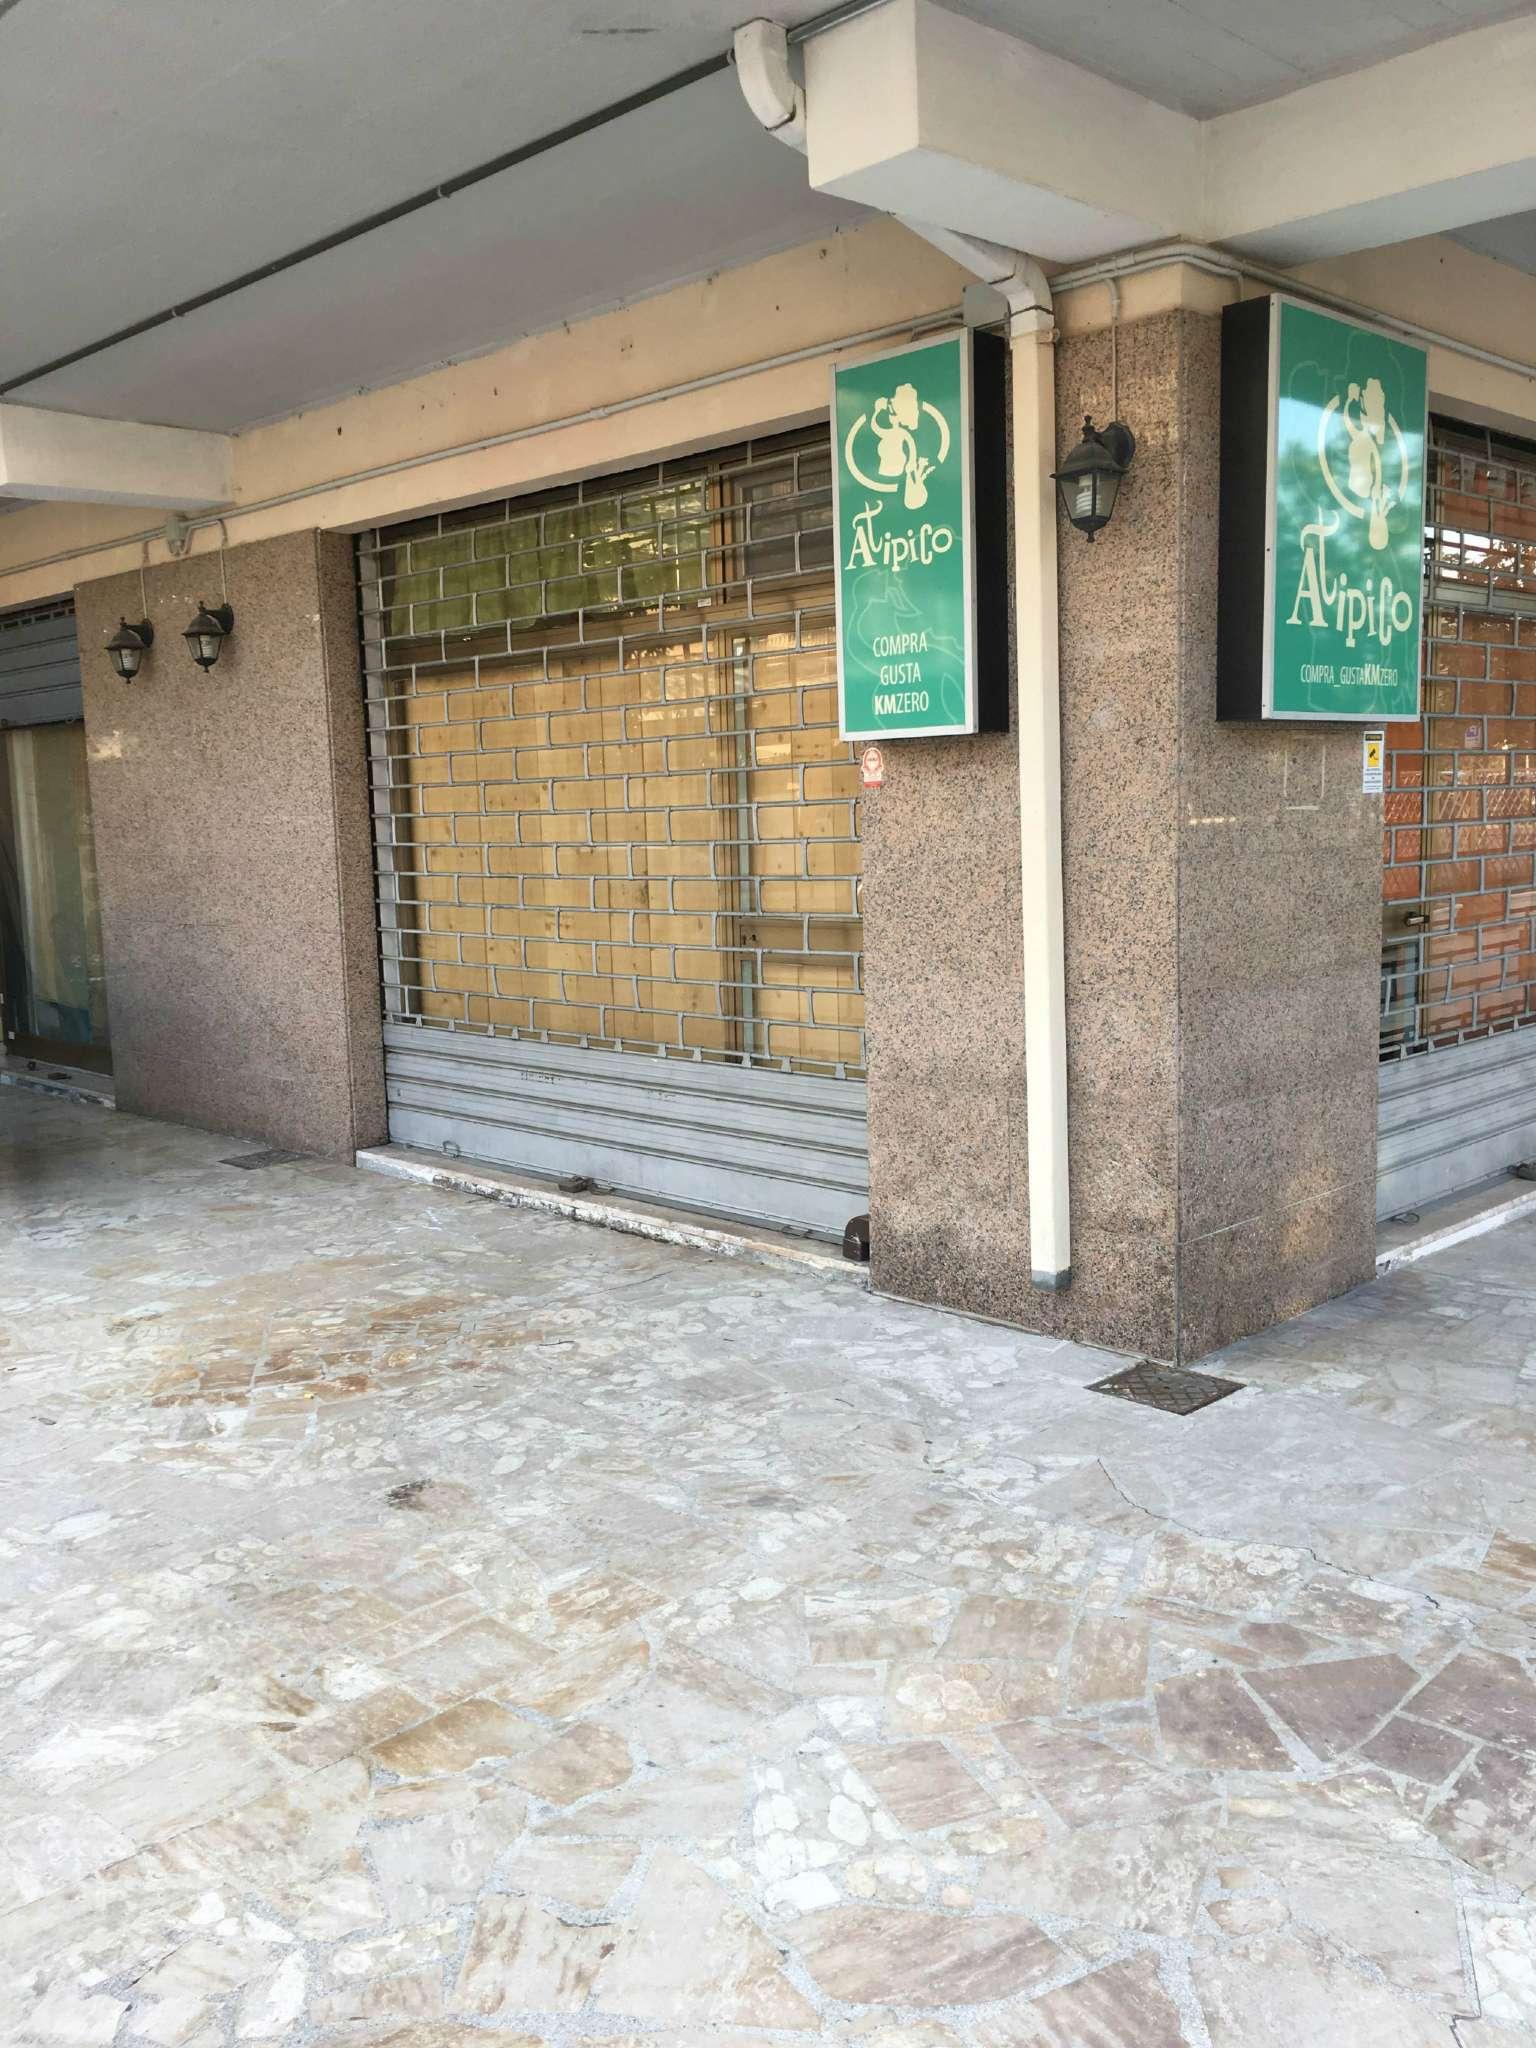 Ristorante / Pizzeria / Trattoria in vendita a Montesilvano, 2 locali, prezzo € 35.000   Cambio Casa.it